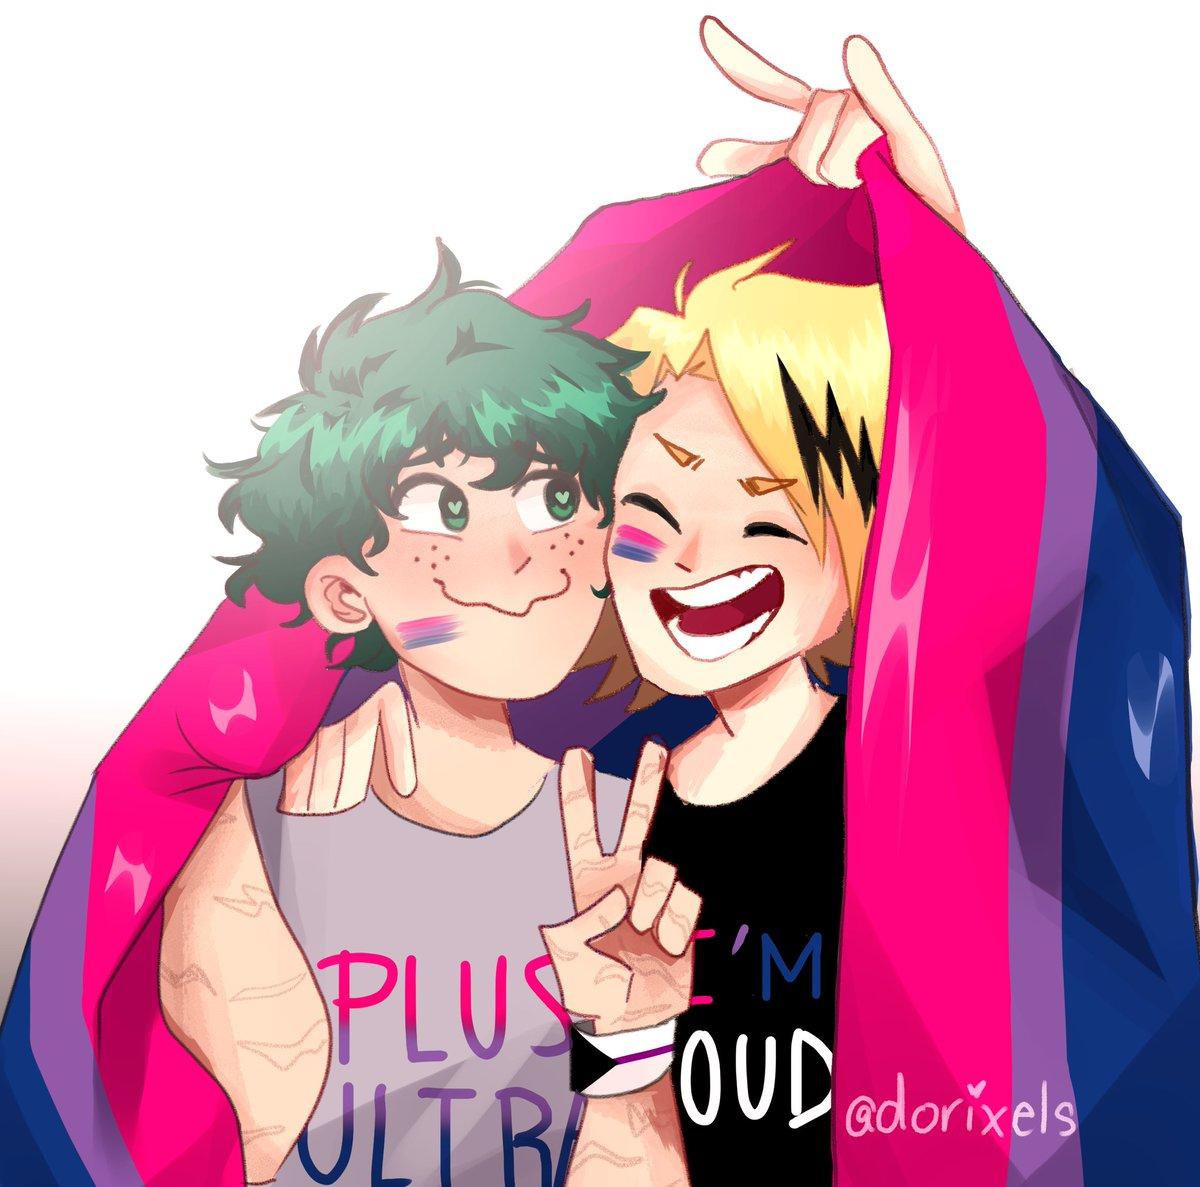 Best Bis! #PrideMonth #kamideku #kaminaridenki #midoriyaizuku